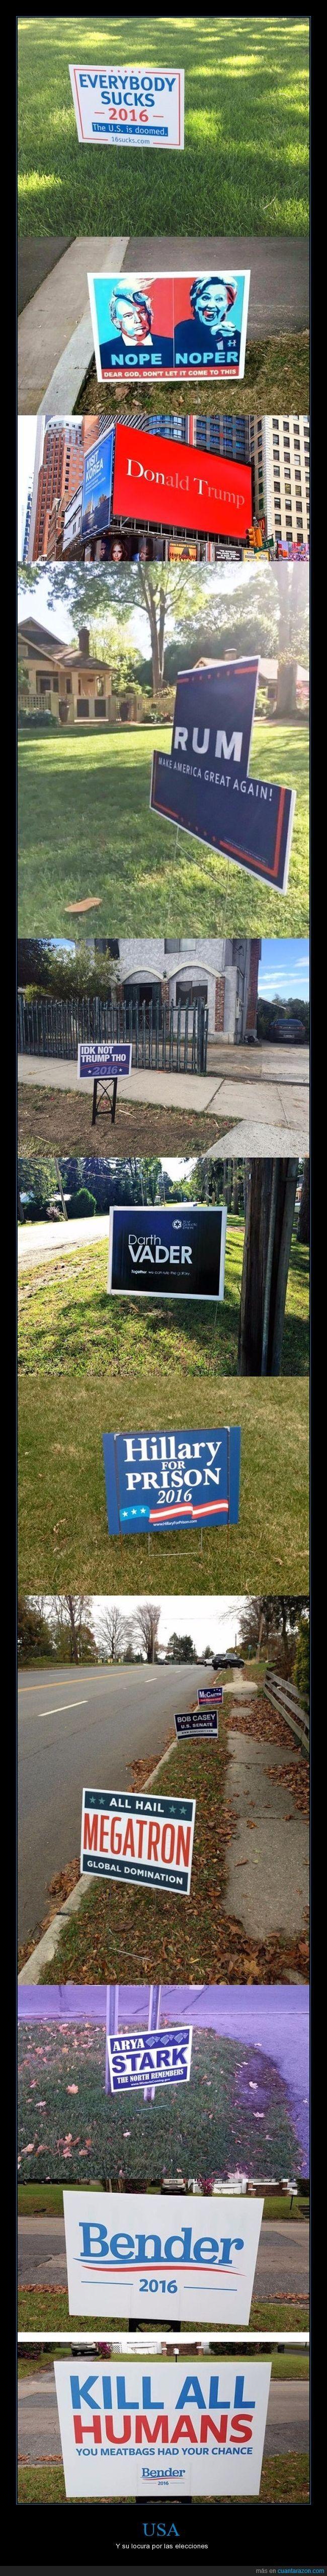 Los carteles más desternillantes de las elecciones en USA - Y su locura por las elecciones   Gracias a http://www.cuantarazon.com/   Si quieres leer la noticia completa visita: http://www.estoy-aburrido.com/los-carteles-mas-desternillantes-de-las-elecciones-en-usa-y-su-locura-por-las-elecciones/